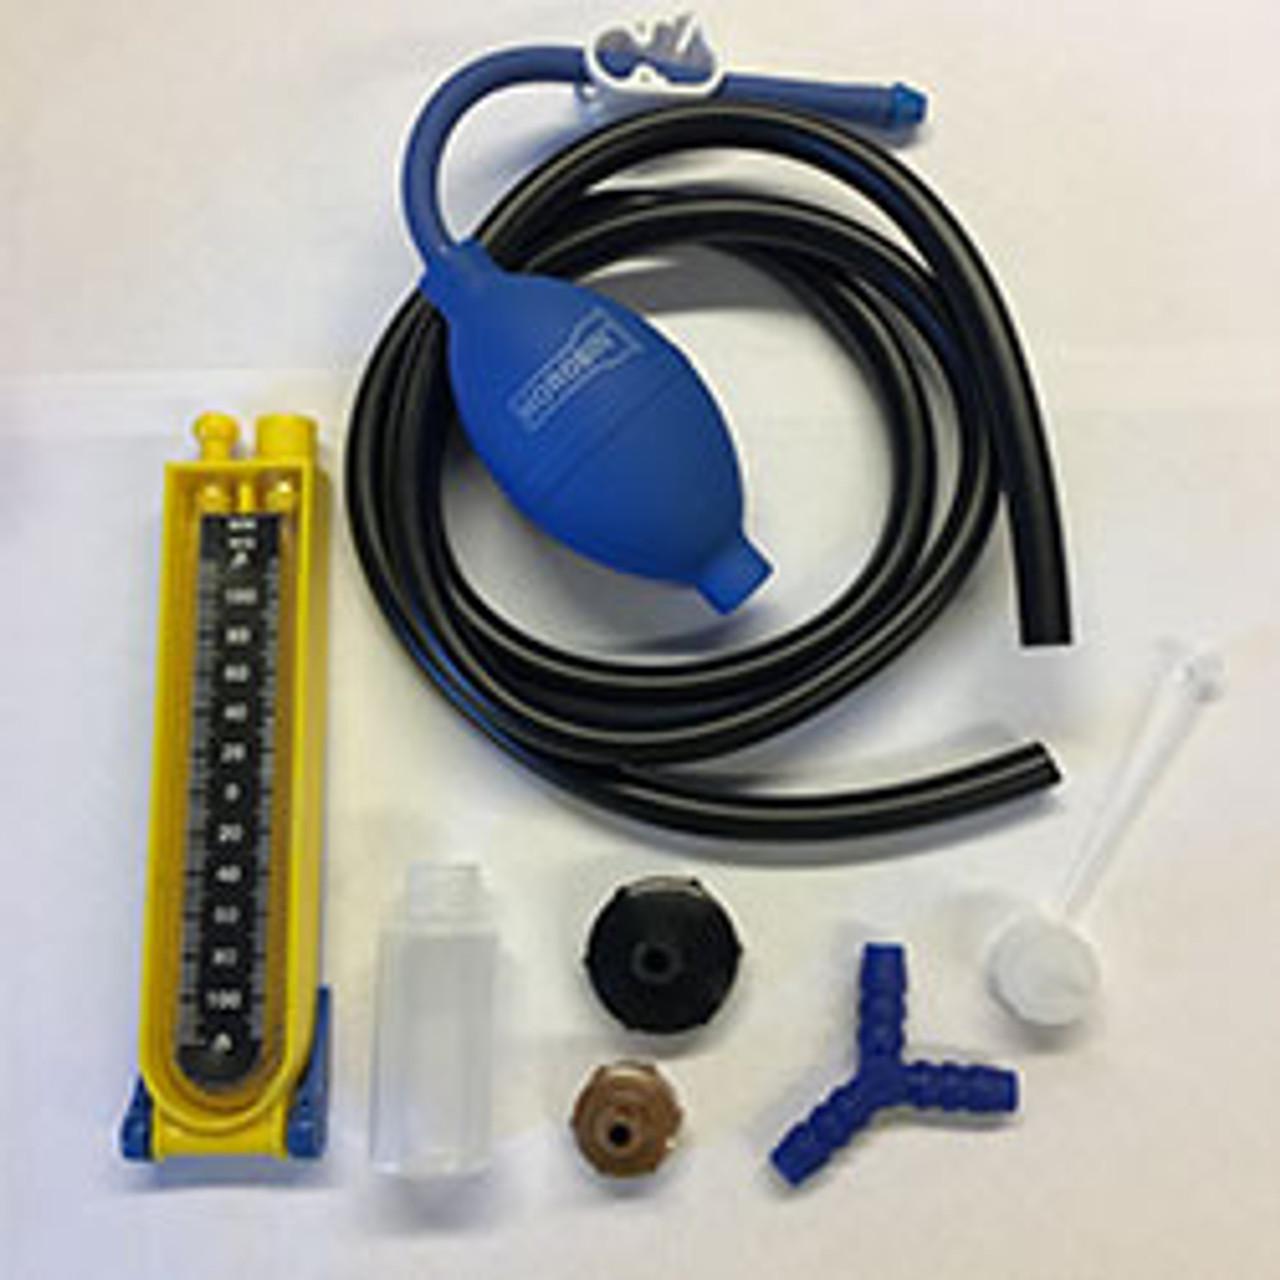 Horobin air testing kit